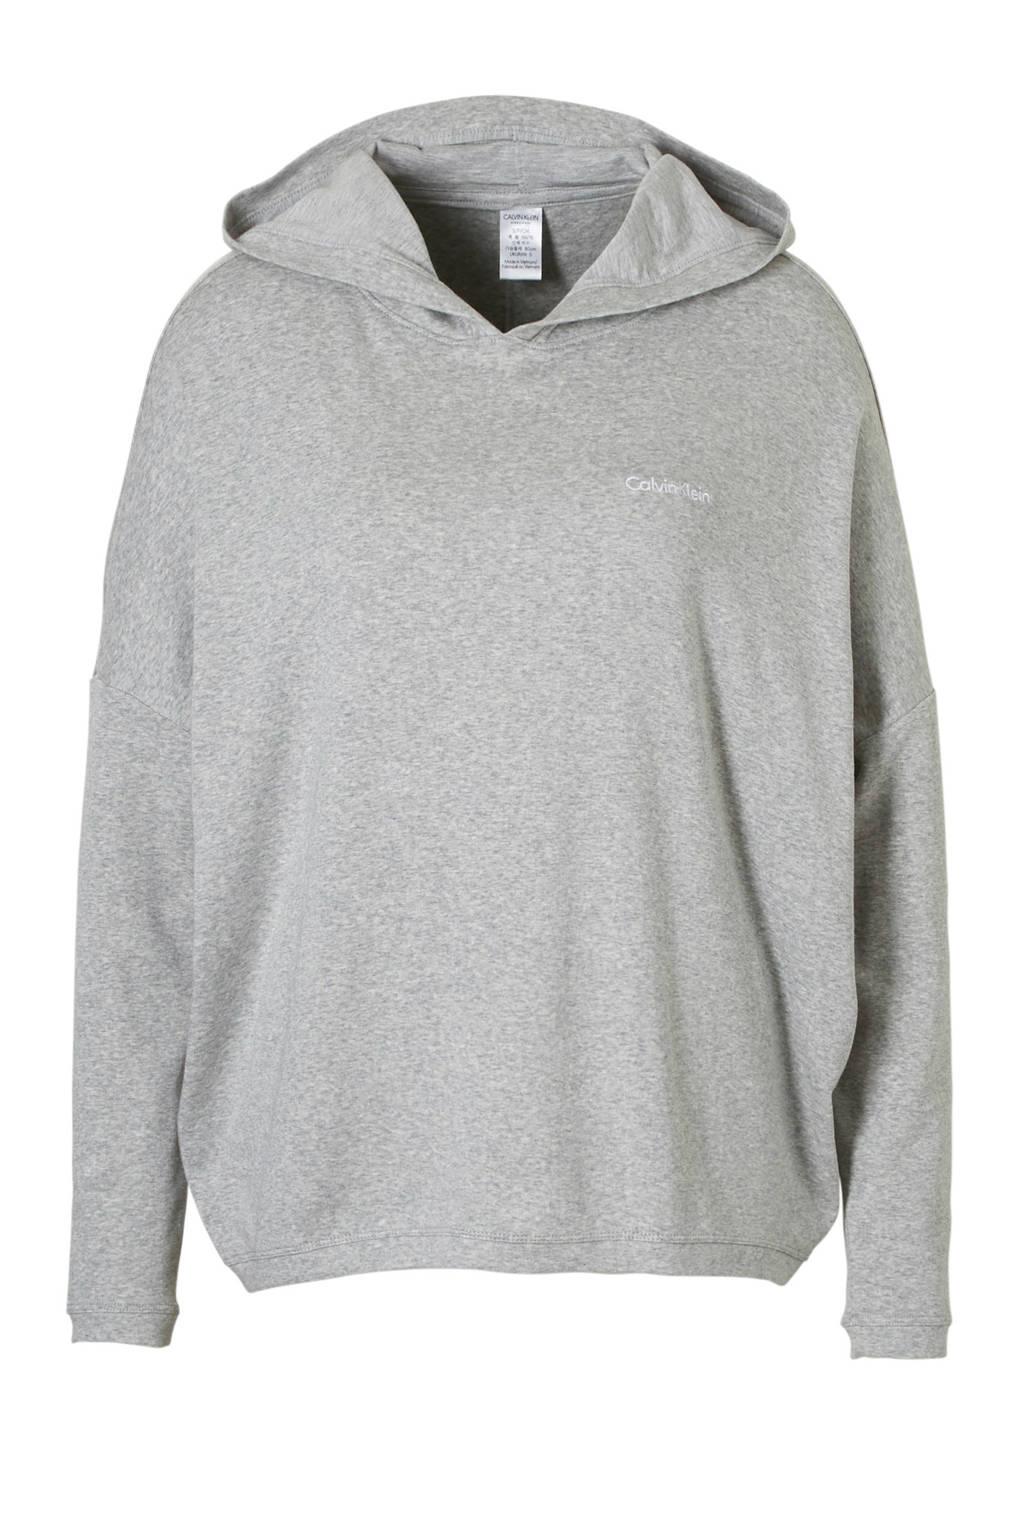 Calvin Klein sweater met capuchon grijs mêlee, grijs mêlee